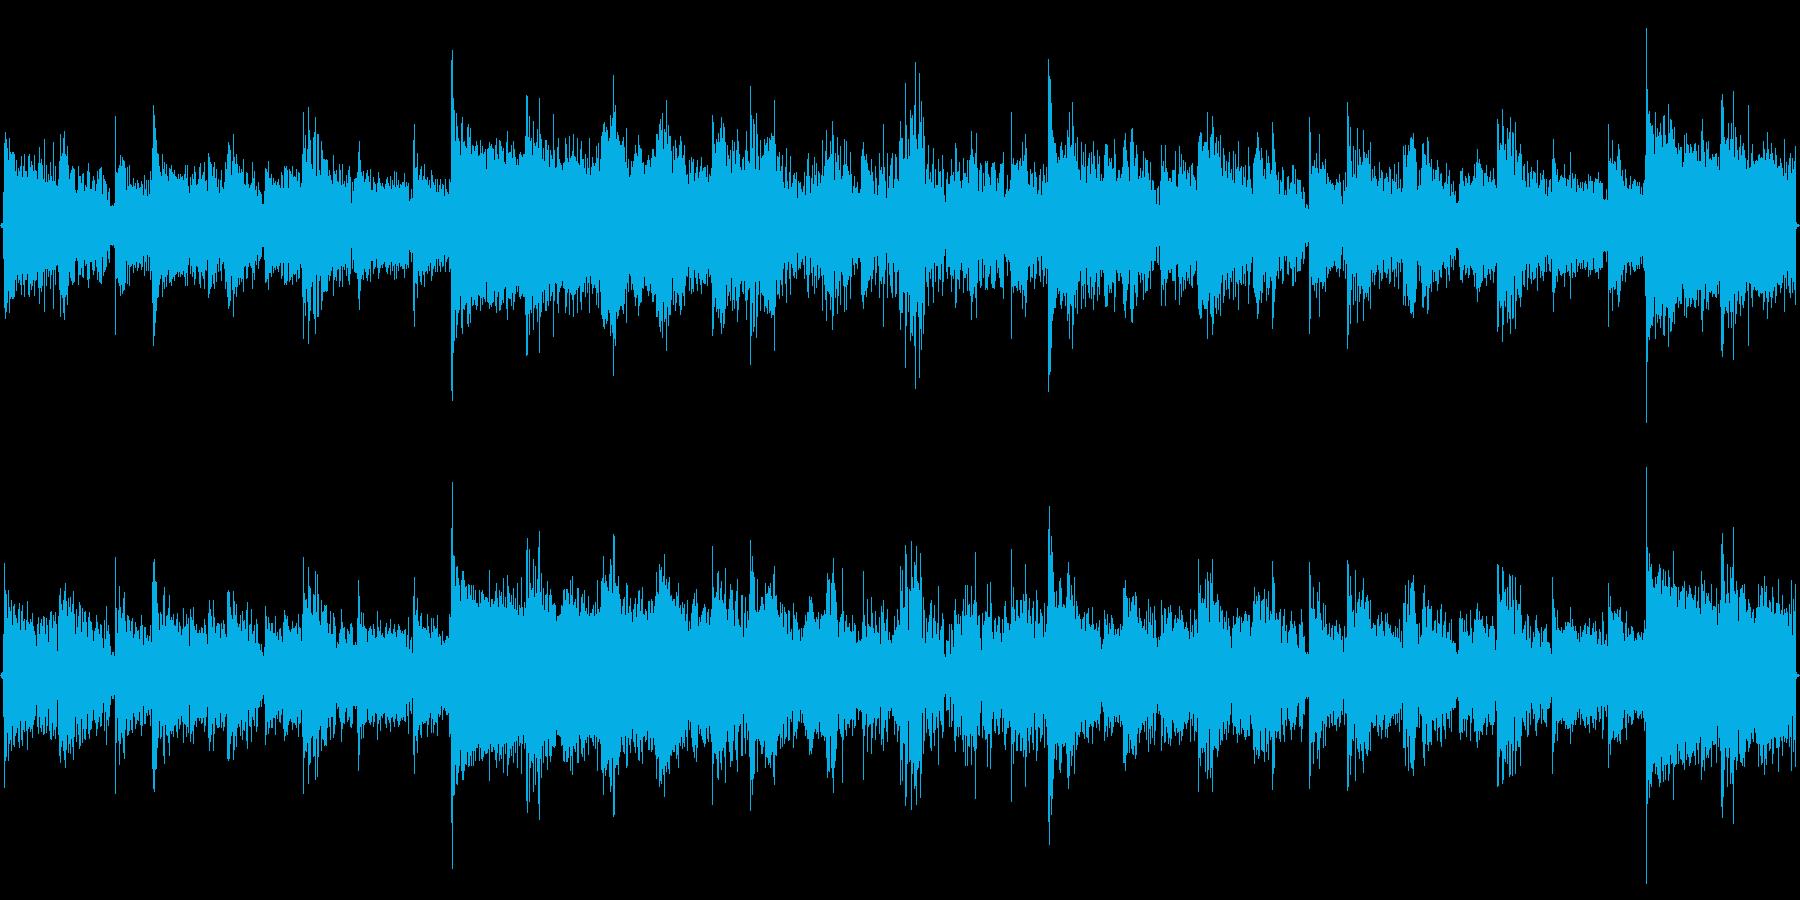 アミューズメント向けのループBGMの再生済みの波形